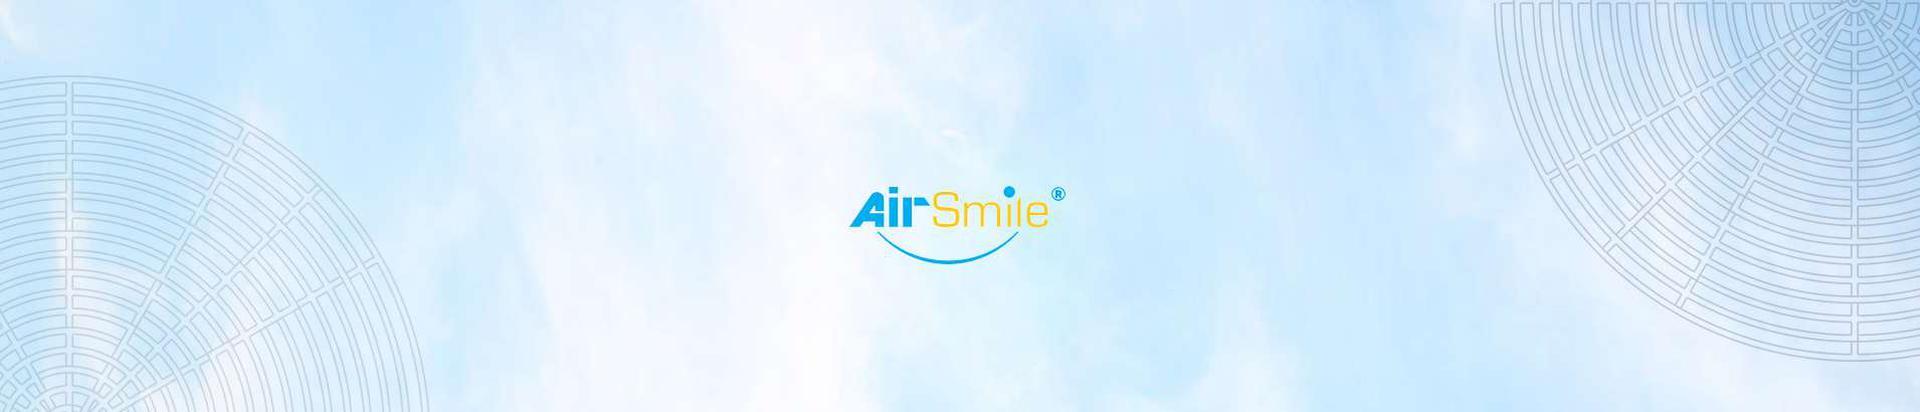 12073760_airsmile-ou_49300735_xl.jpg